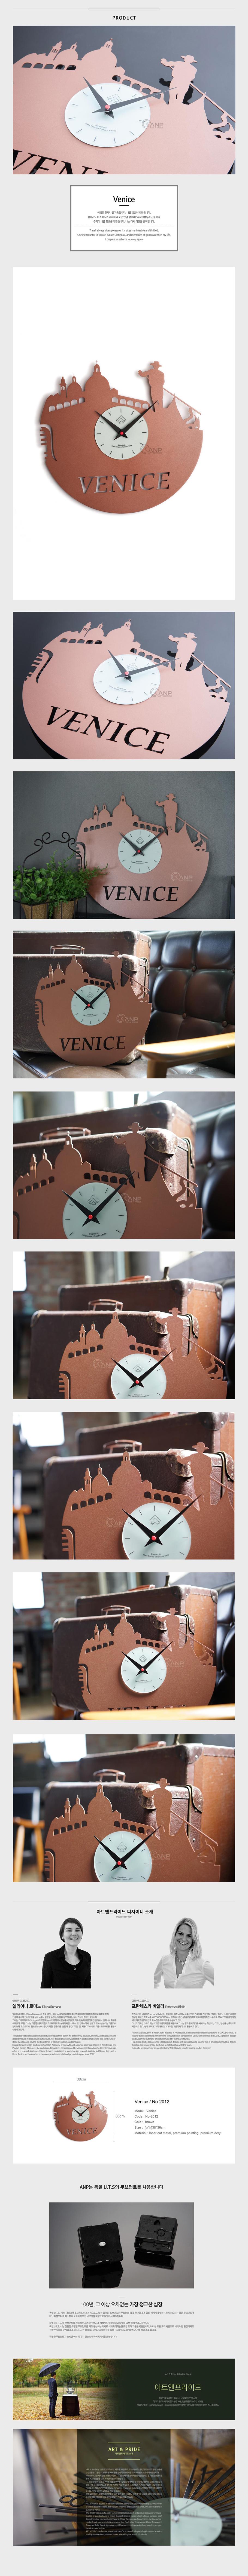 베니스 - 아트앤프라이드, 130,000원, 벽시계, 디자인벽시계